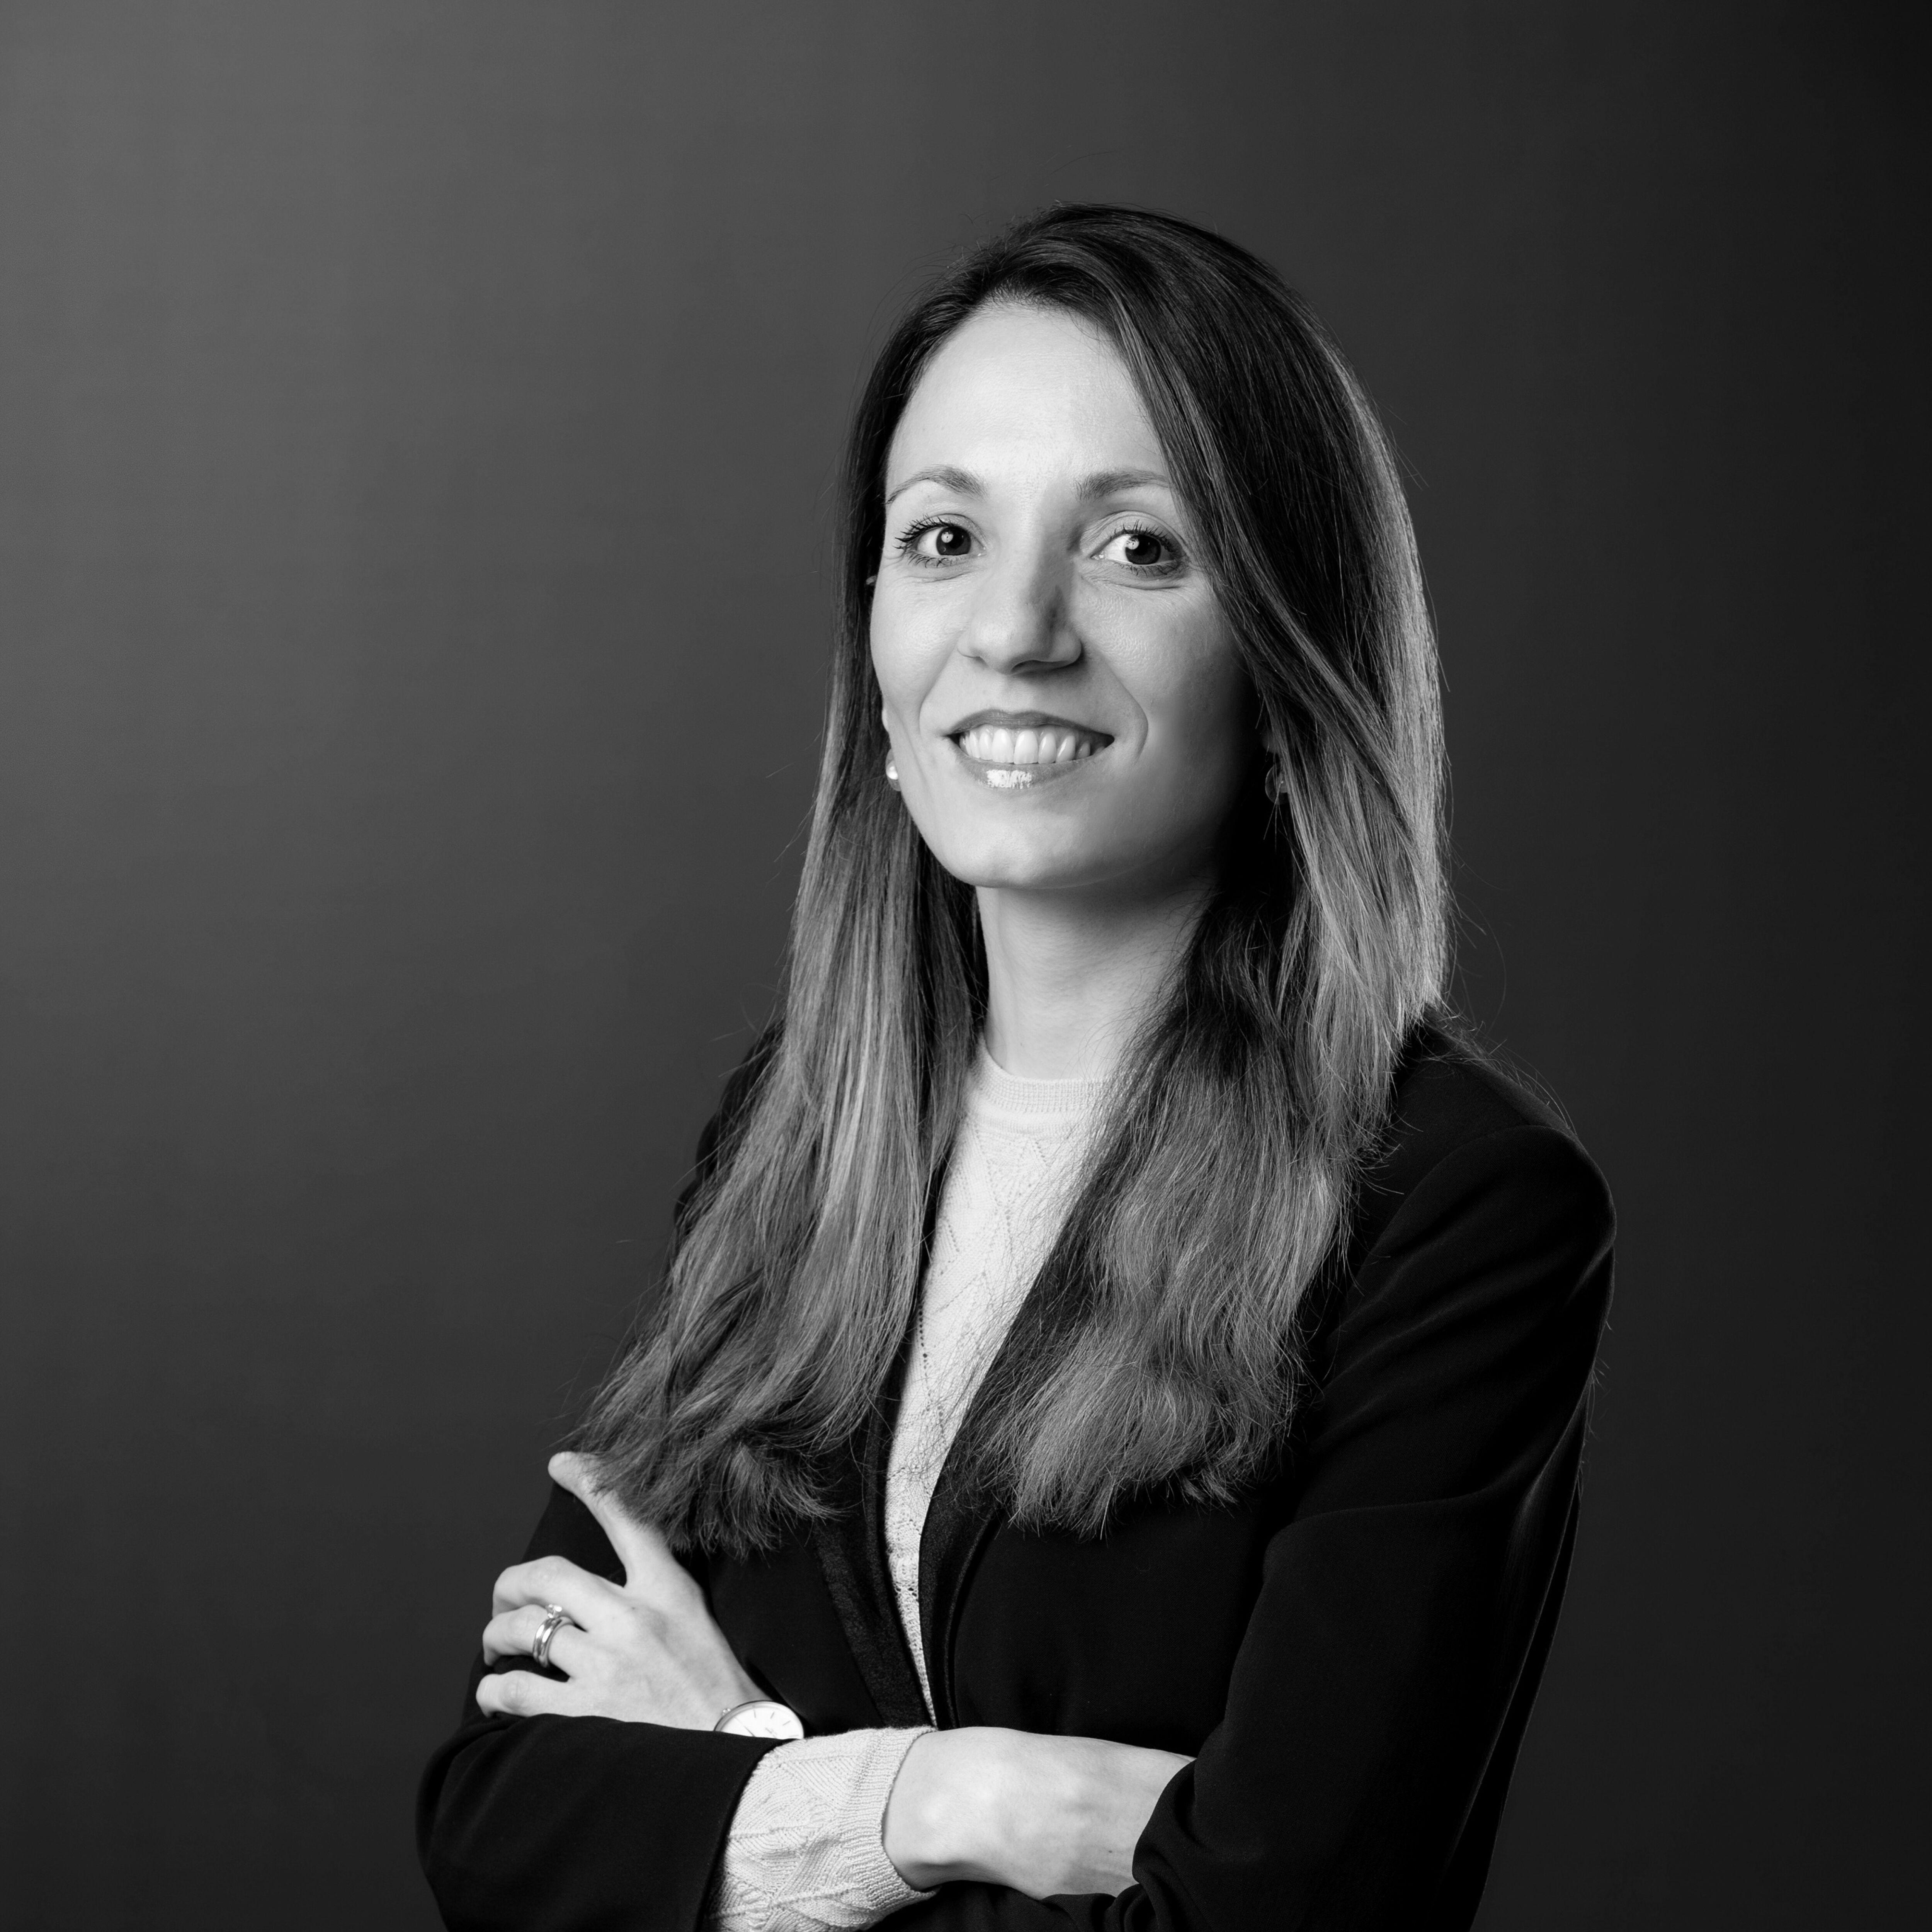 Dr. Marta Antonelli